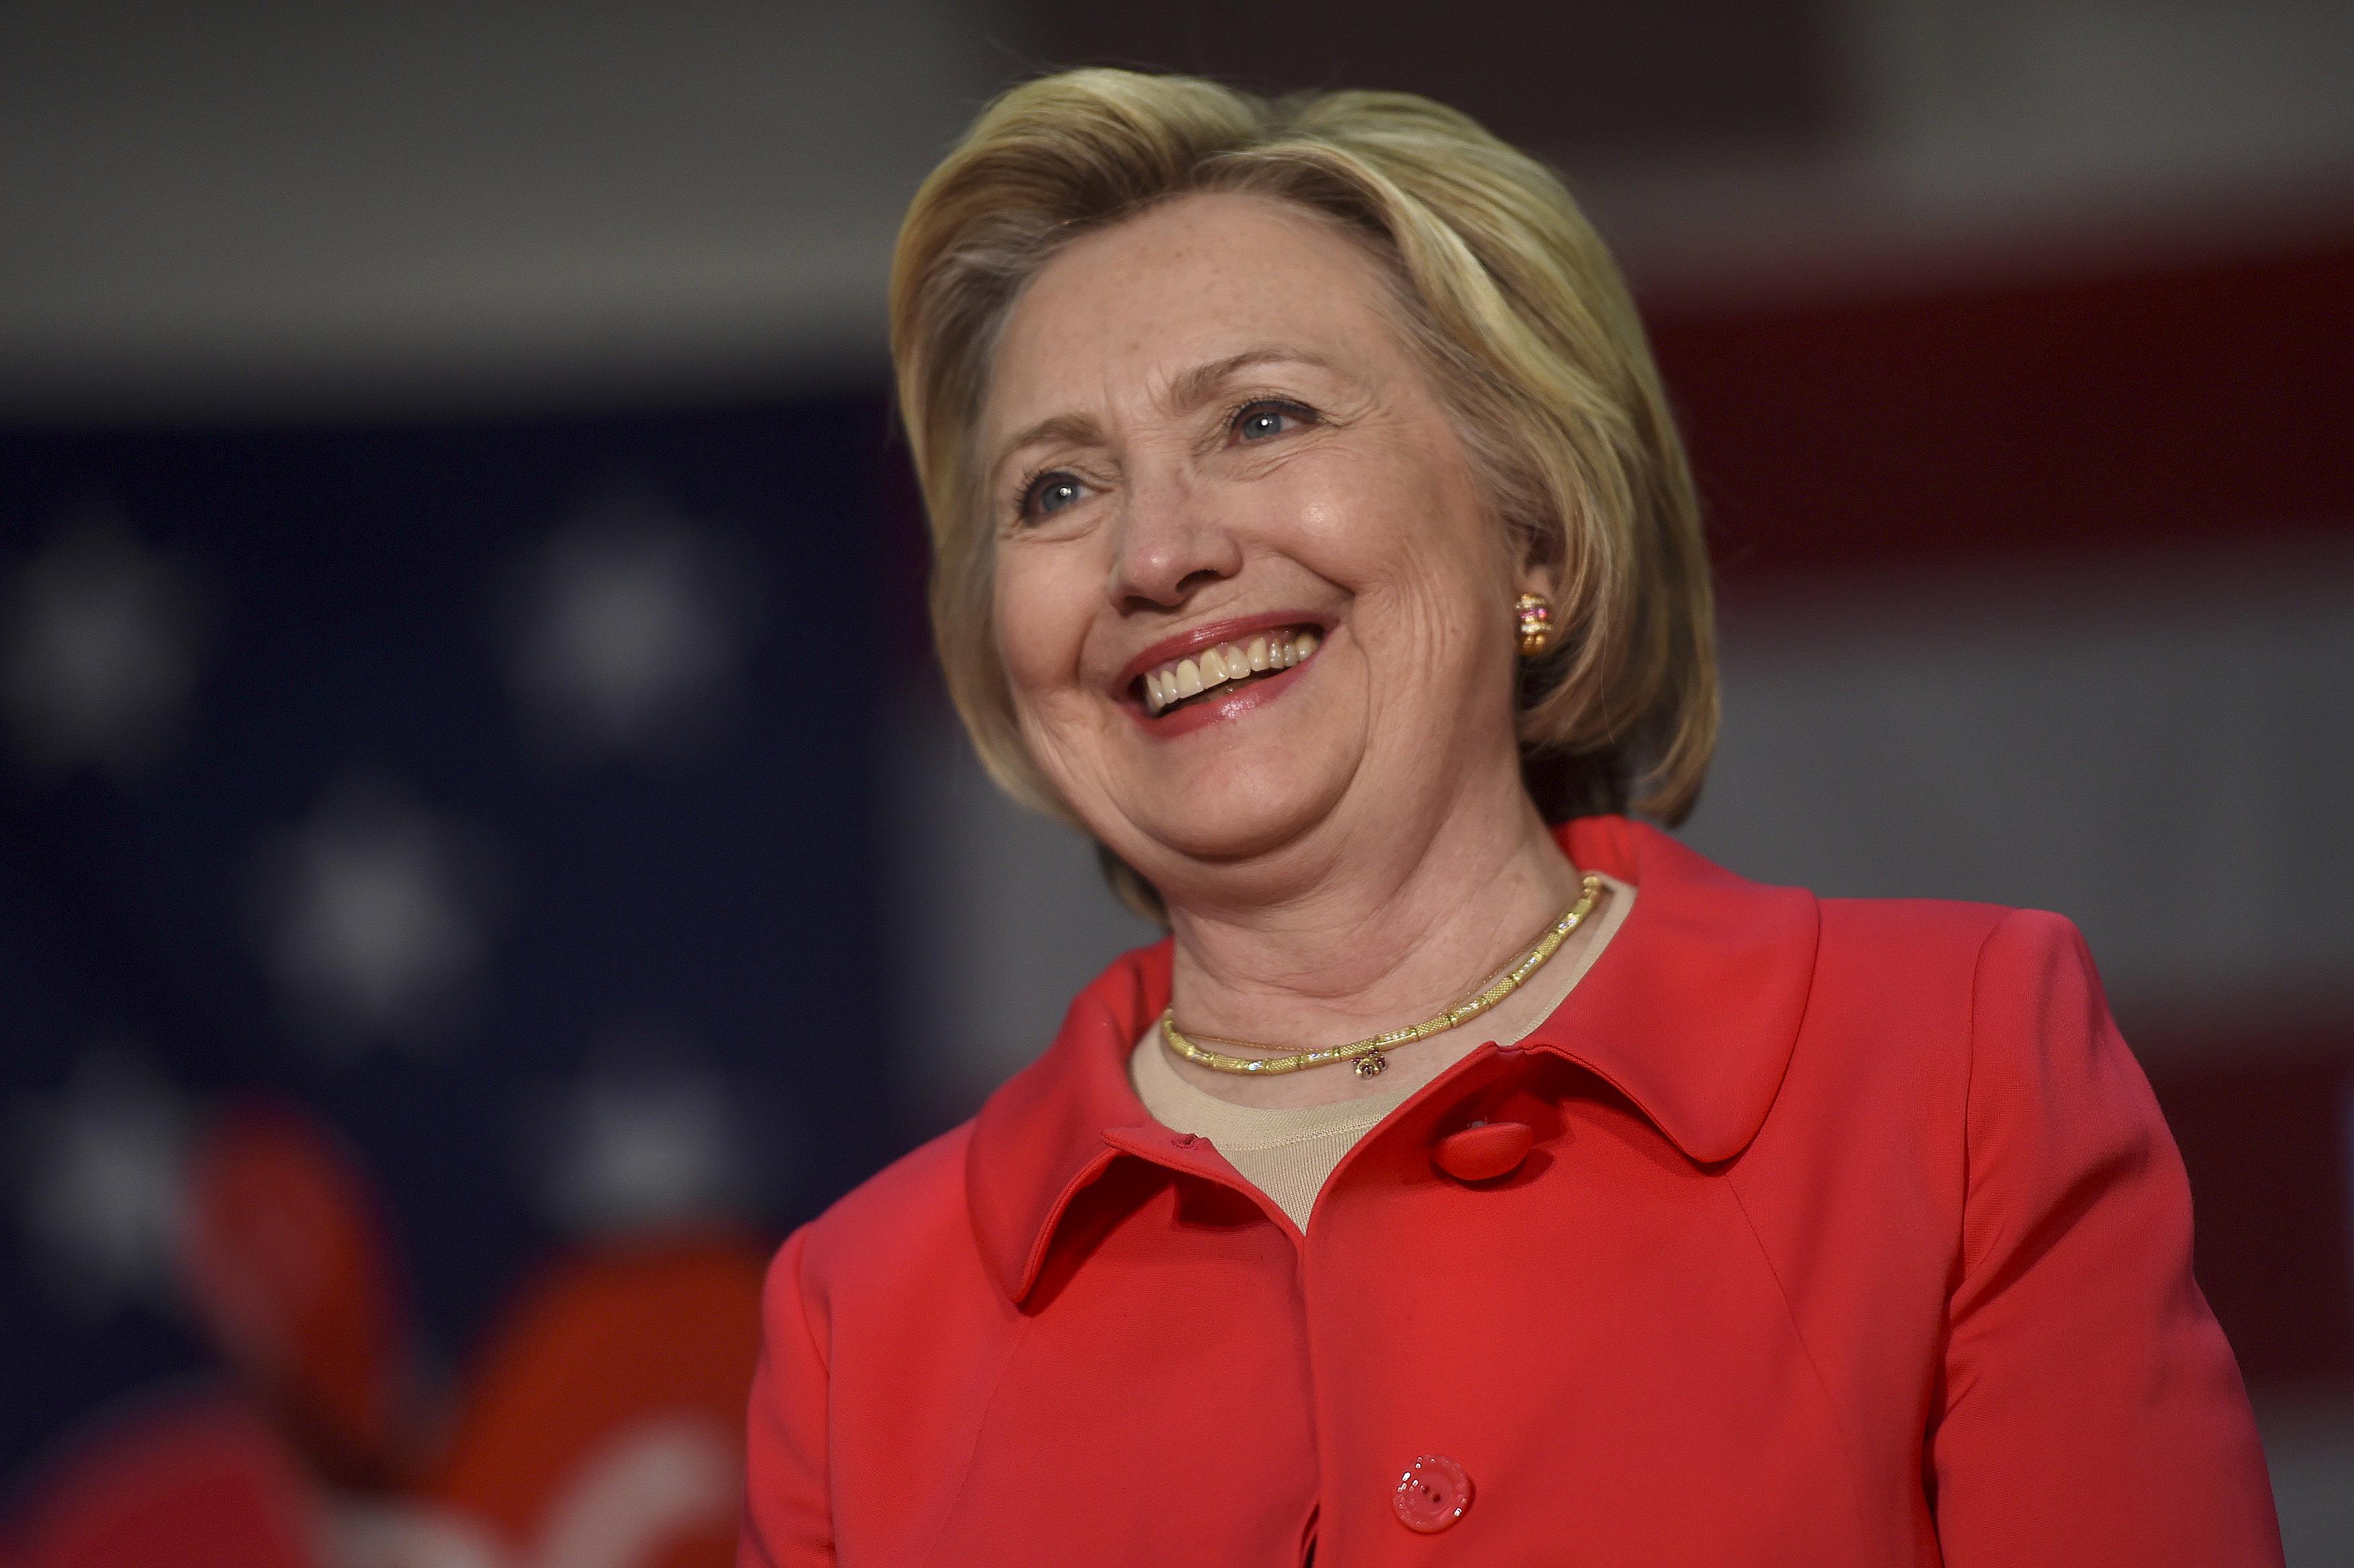 La aspirante a la nominación presidencial del Partido Demócrata de Estados Unidos Hillary Clinton durante un evento de campaña en Dunmore, Pensilvania, Estados Unidos. 22 de abril, 2016. La favorita para ganar la nominación presidencial del Partido Demócrata de Estados Unidos, Hillary Clinton, quiere que Reino Unido permanezca en la Unión Europea, informó el diario británico Observer en su edición del domingo.</body></html>